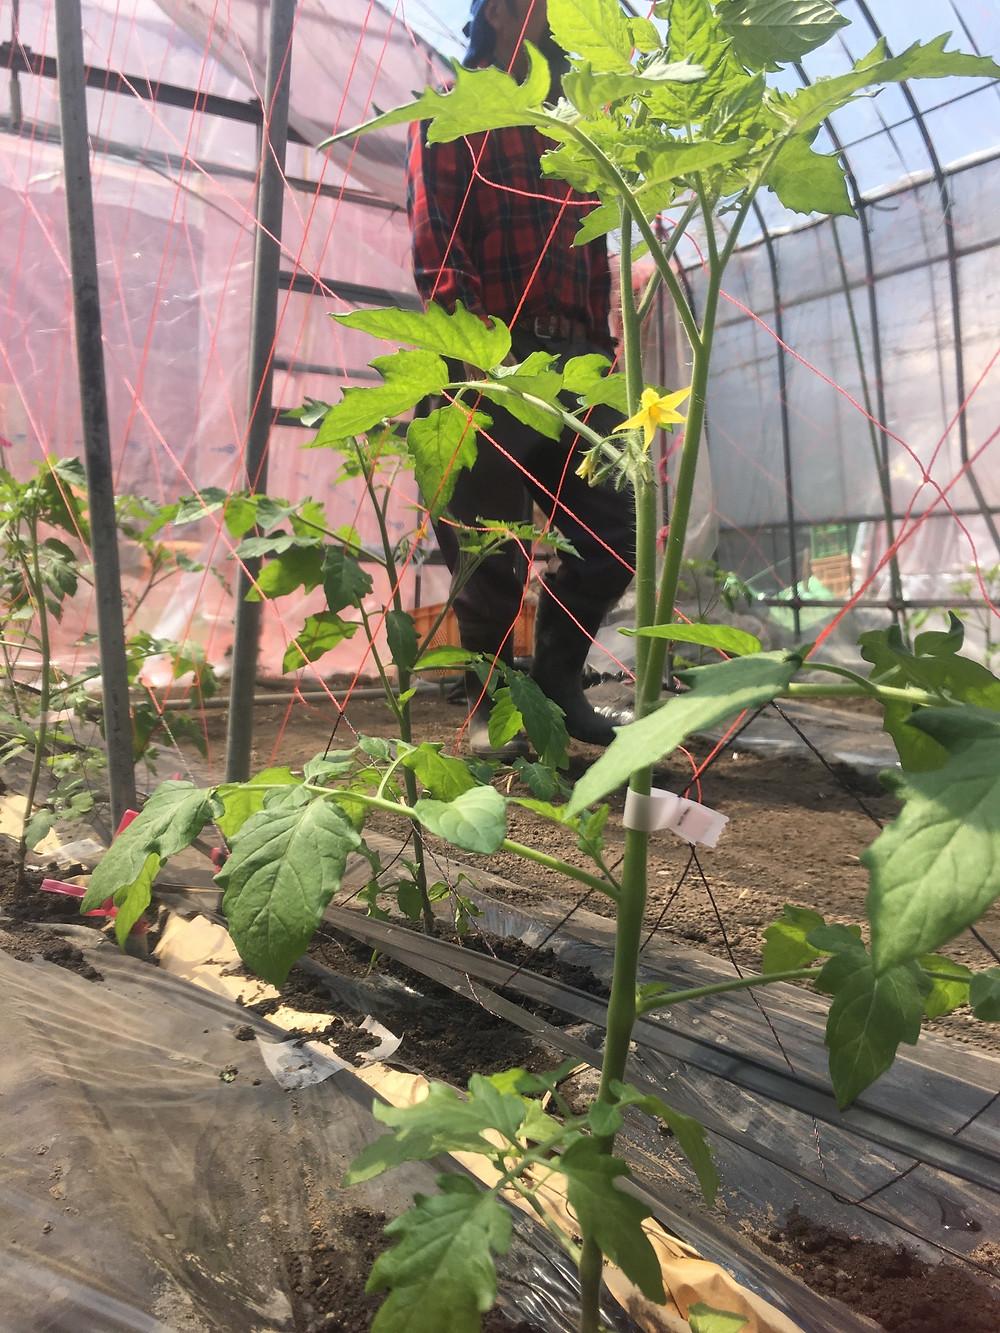 ミニトマトのハウスを見渡す農園長